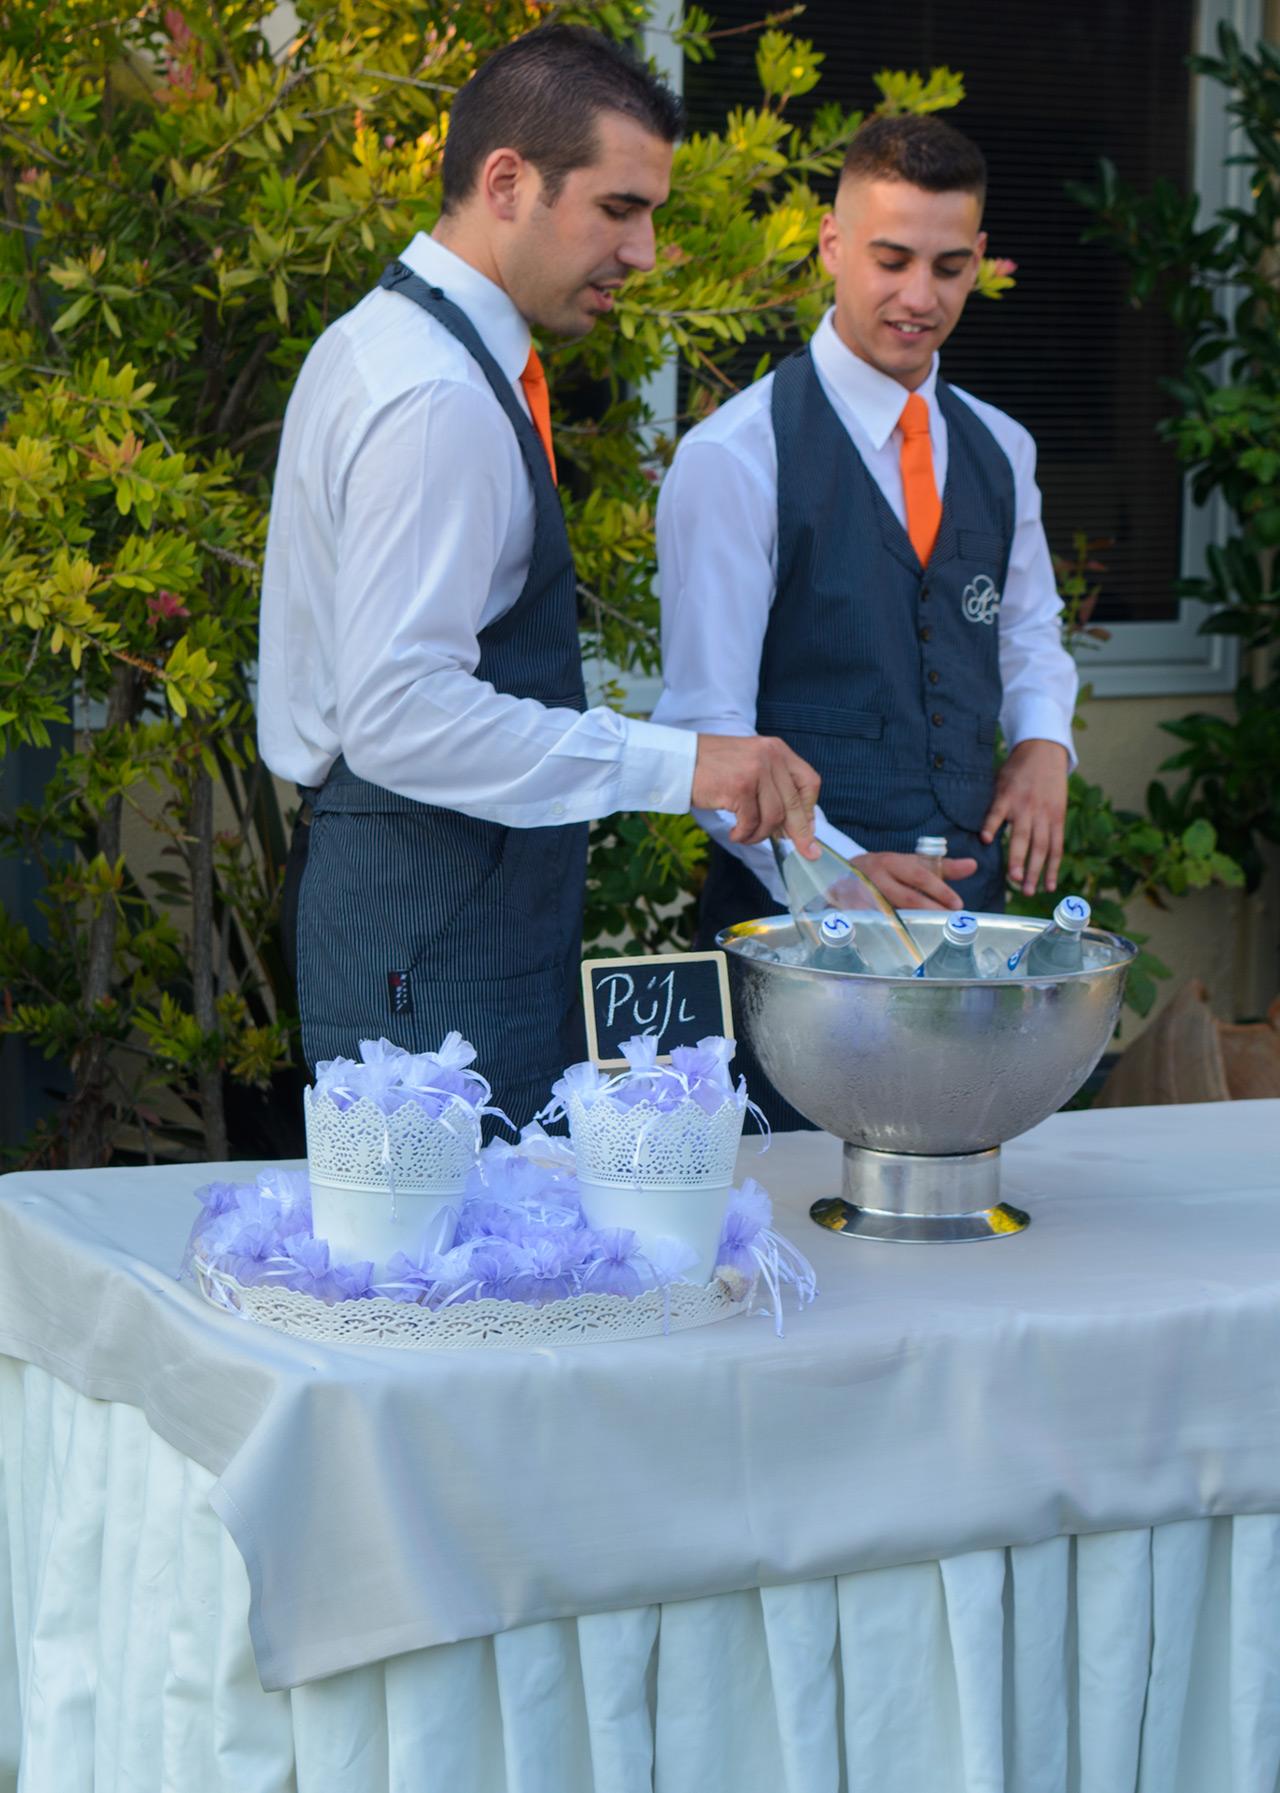 Το προσωπικό του κτήματος σερβίρει κρύο νερό στους καλεσμένους του γάμου